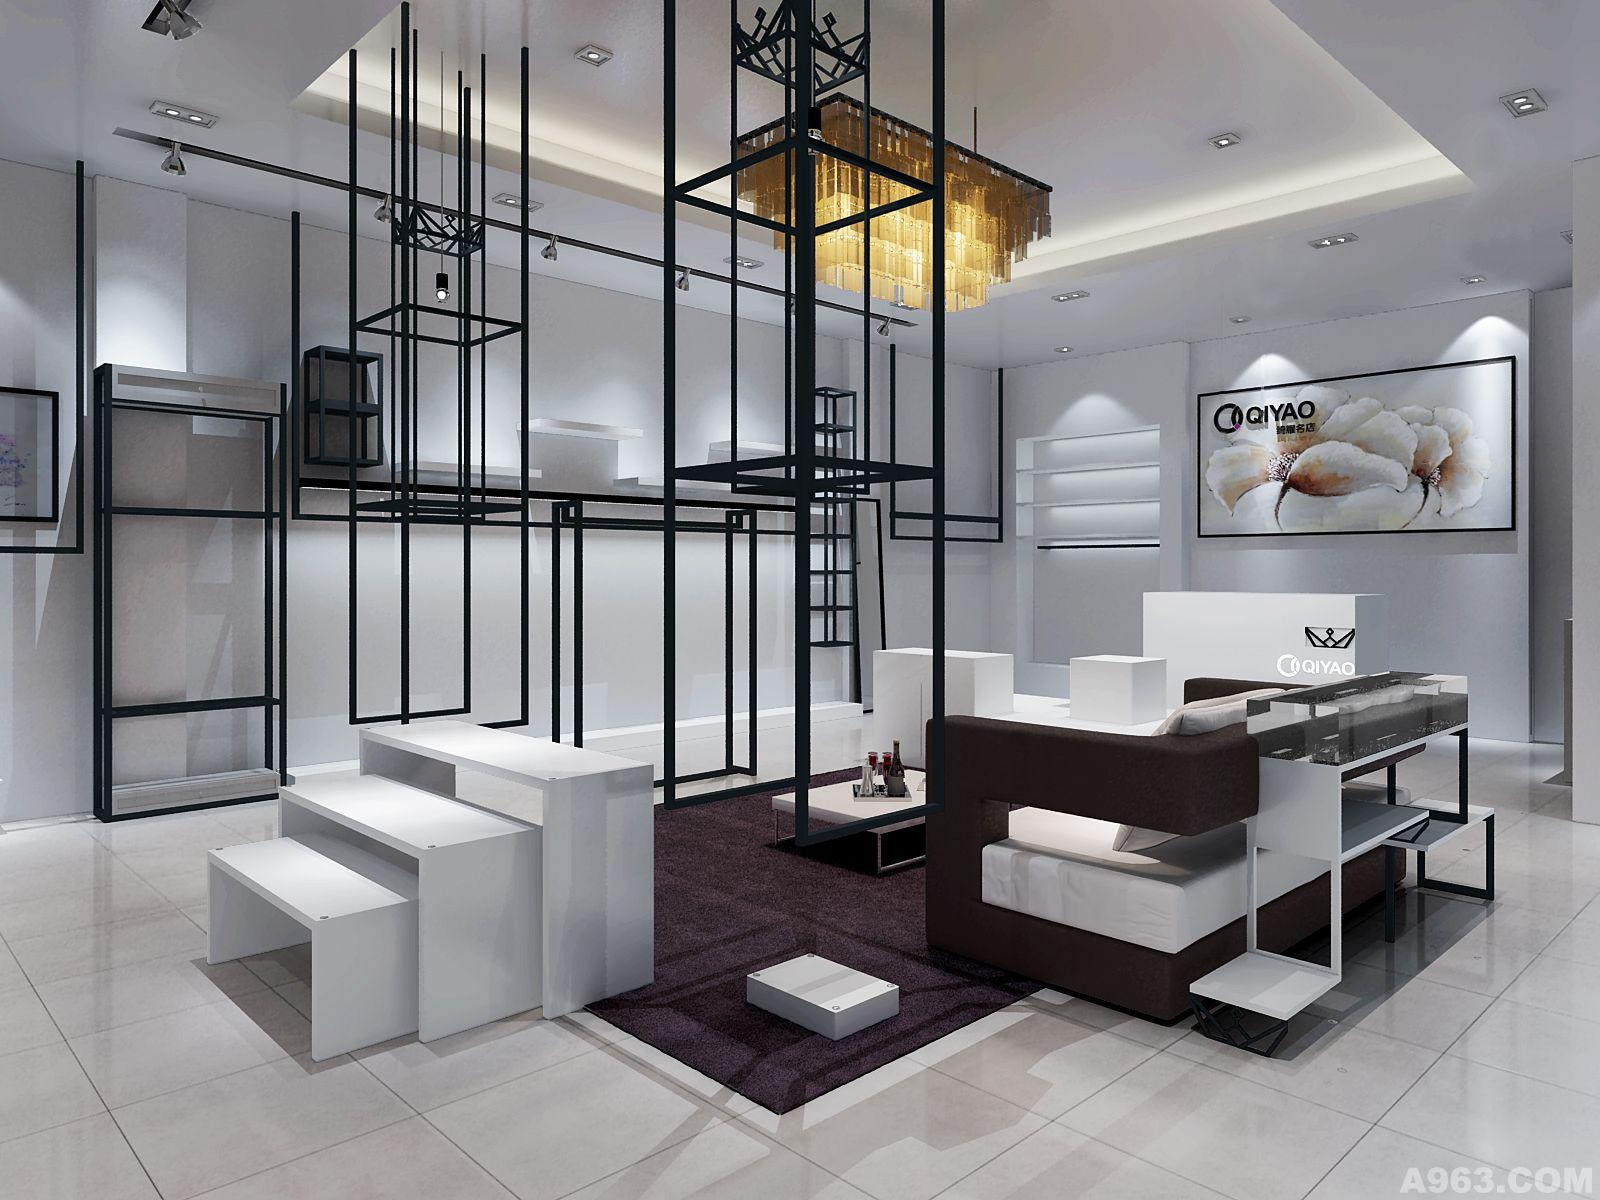 服装品牌奇耀名店卖场展示空间视觉形象设计说明